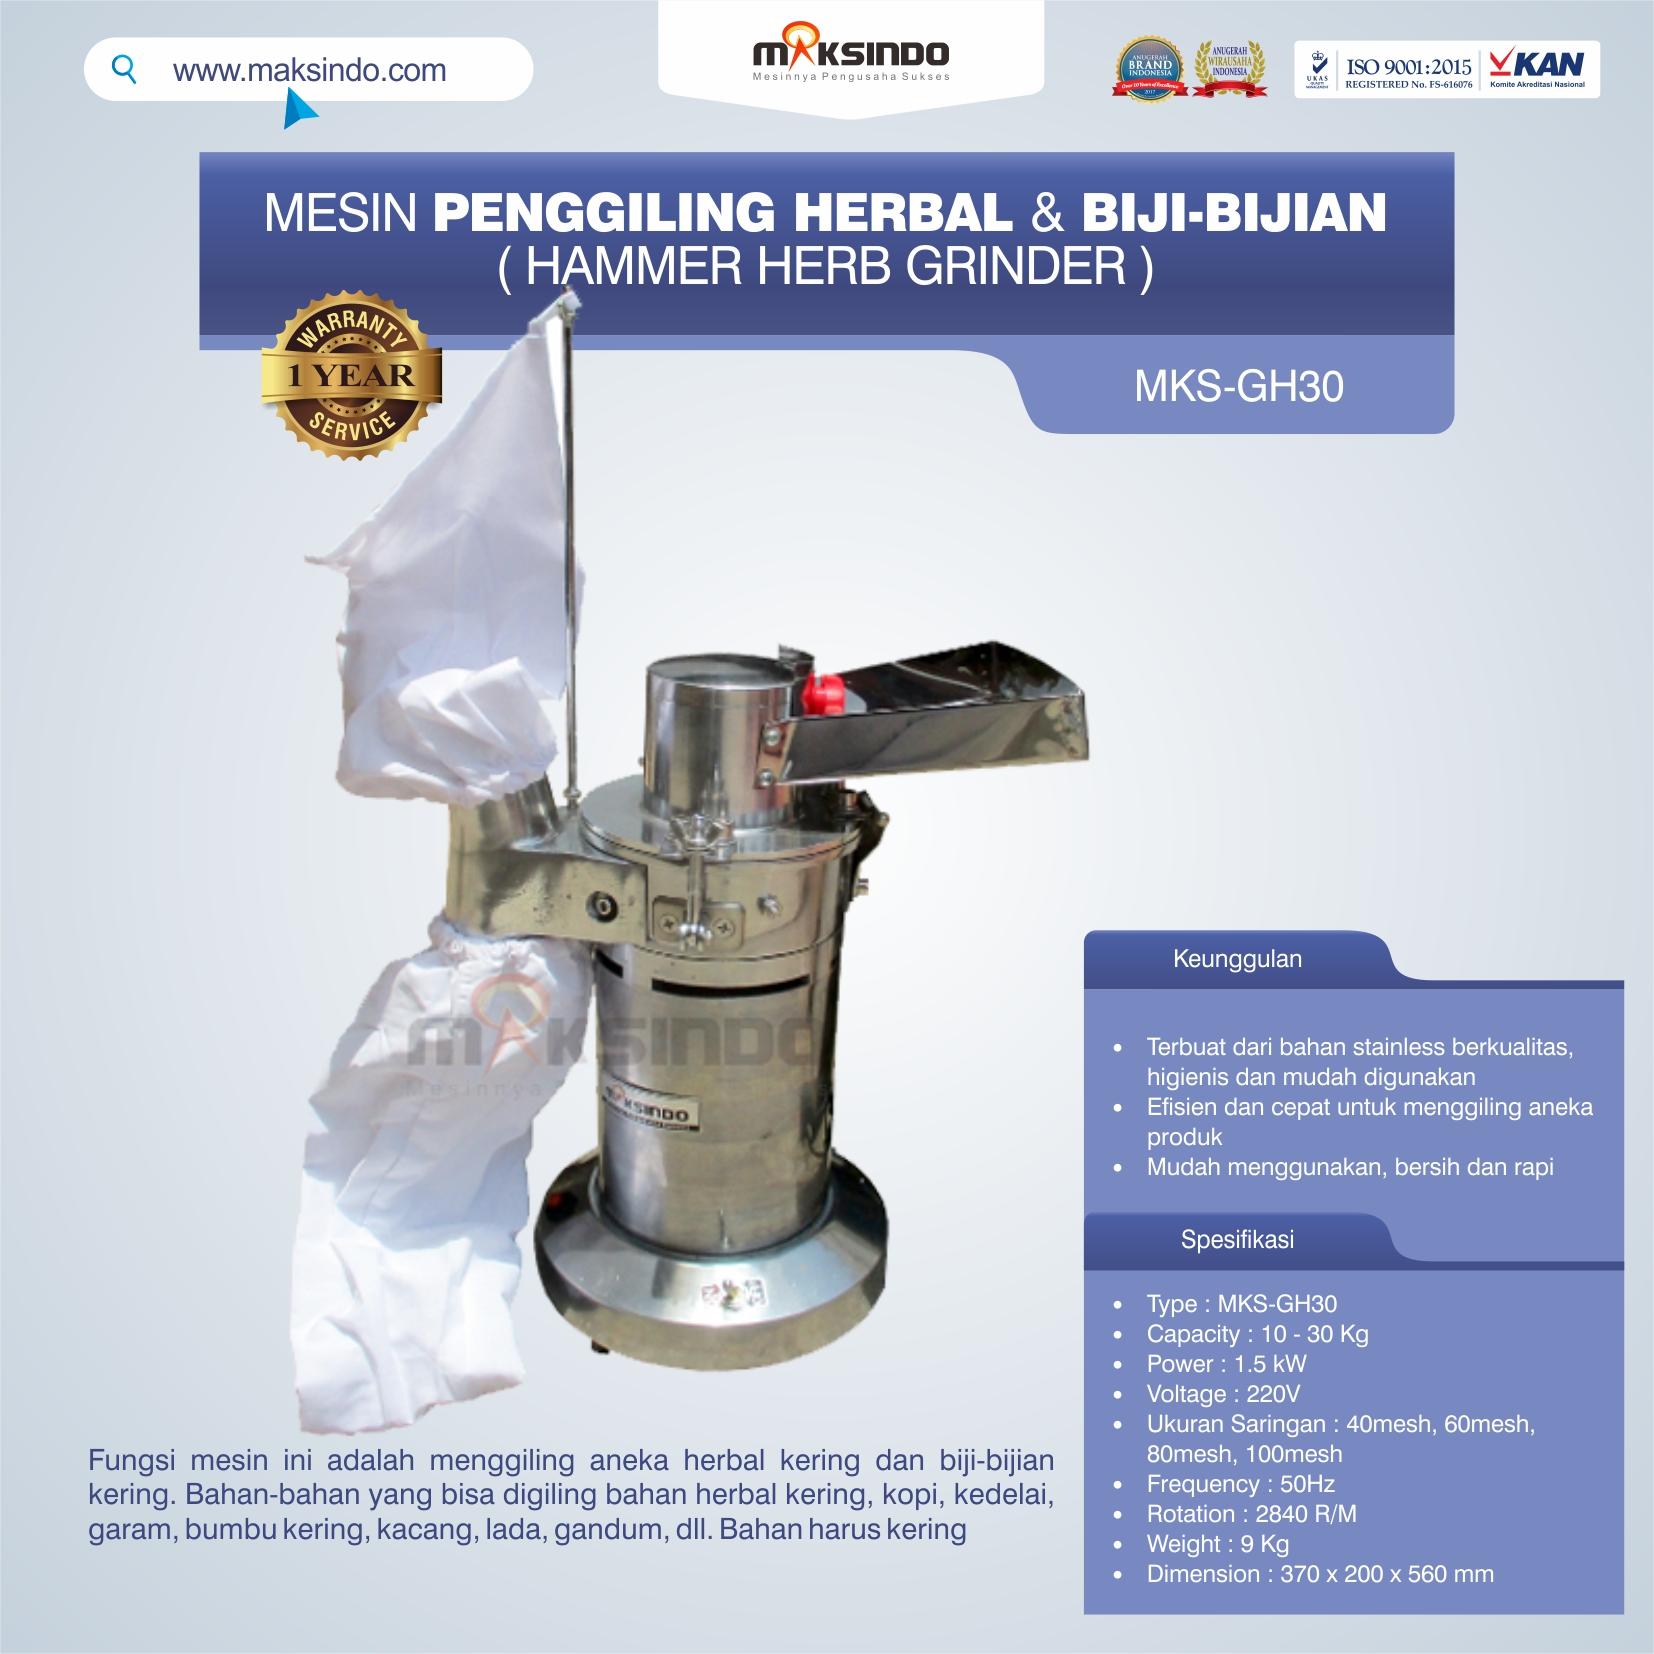 Jual Penggiling Herbal dan Biji-Bijian (GH-30) di Medan